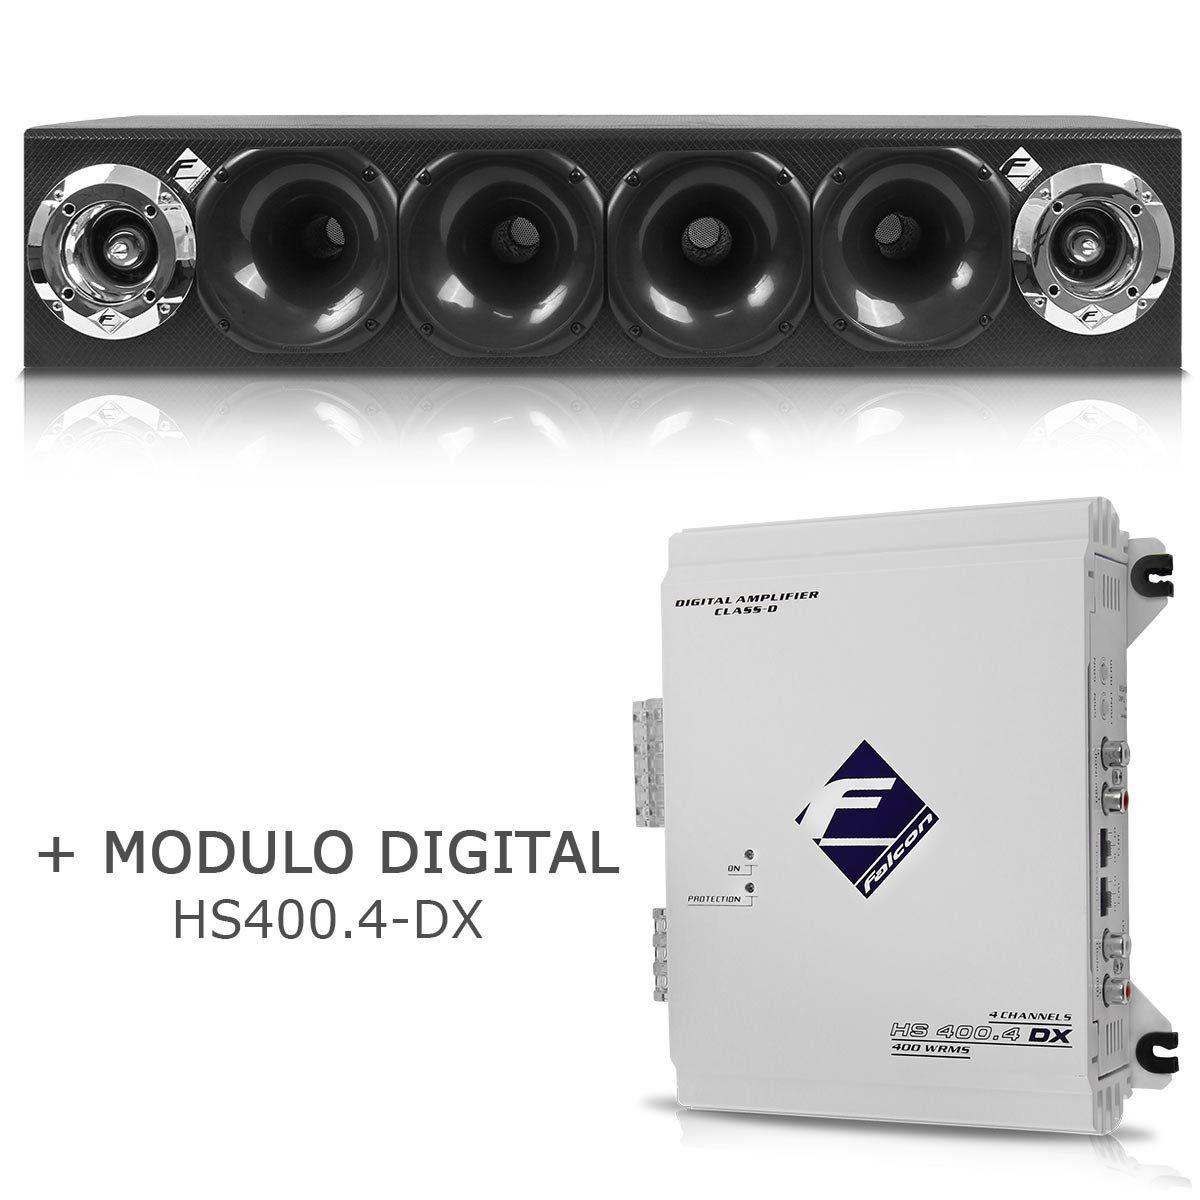 Caixa Corneteira Falcon Cxc-4x2 + Módulo Digital Hs400.4 Dx